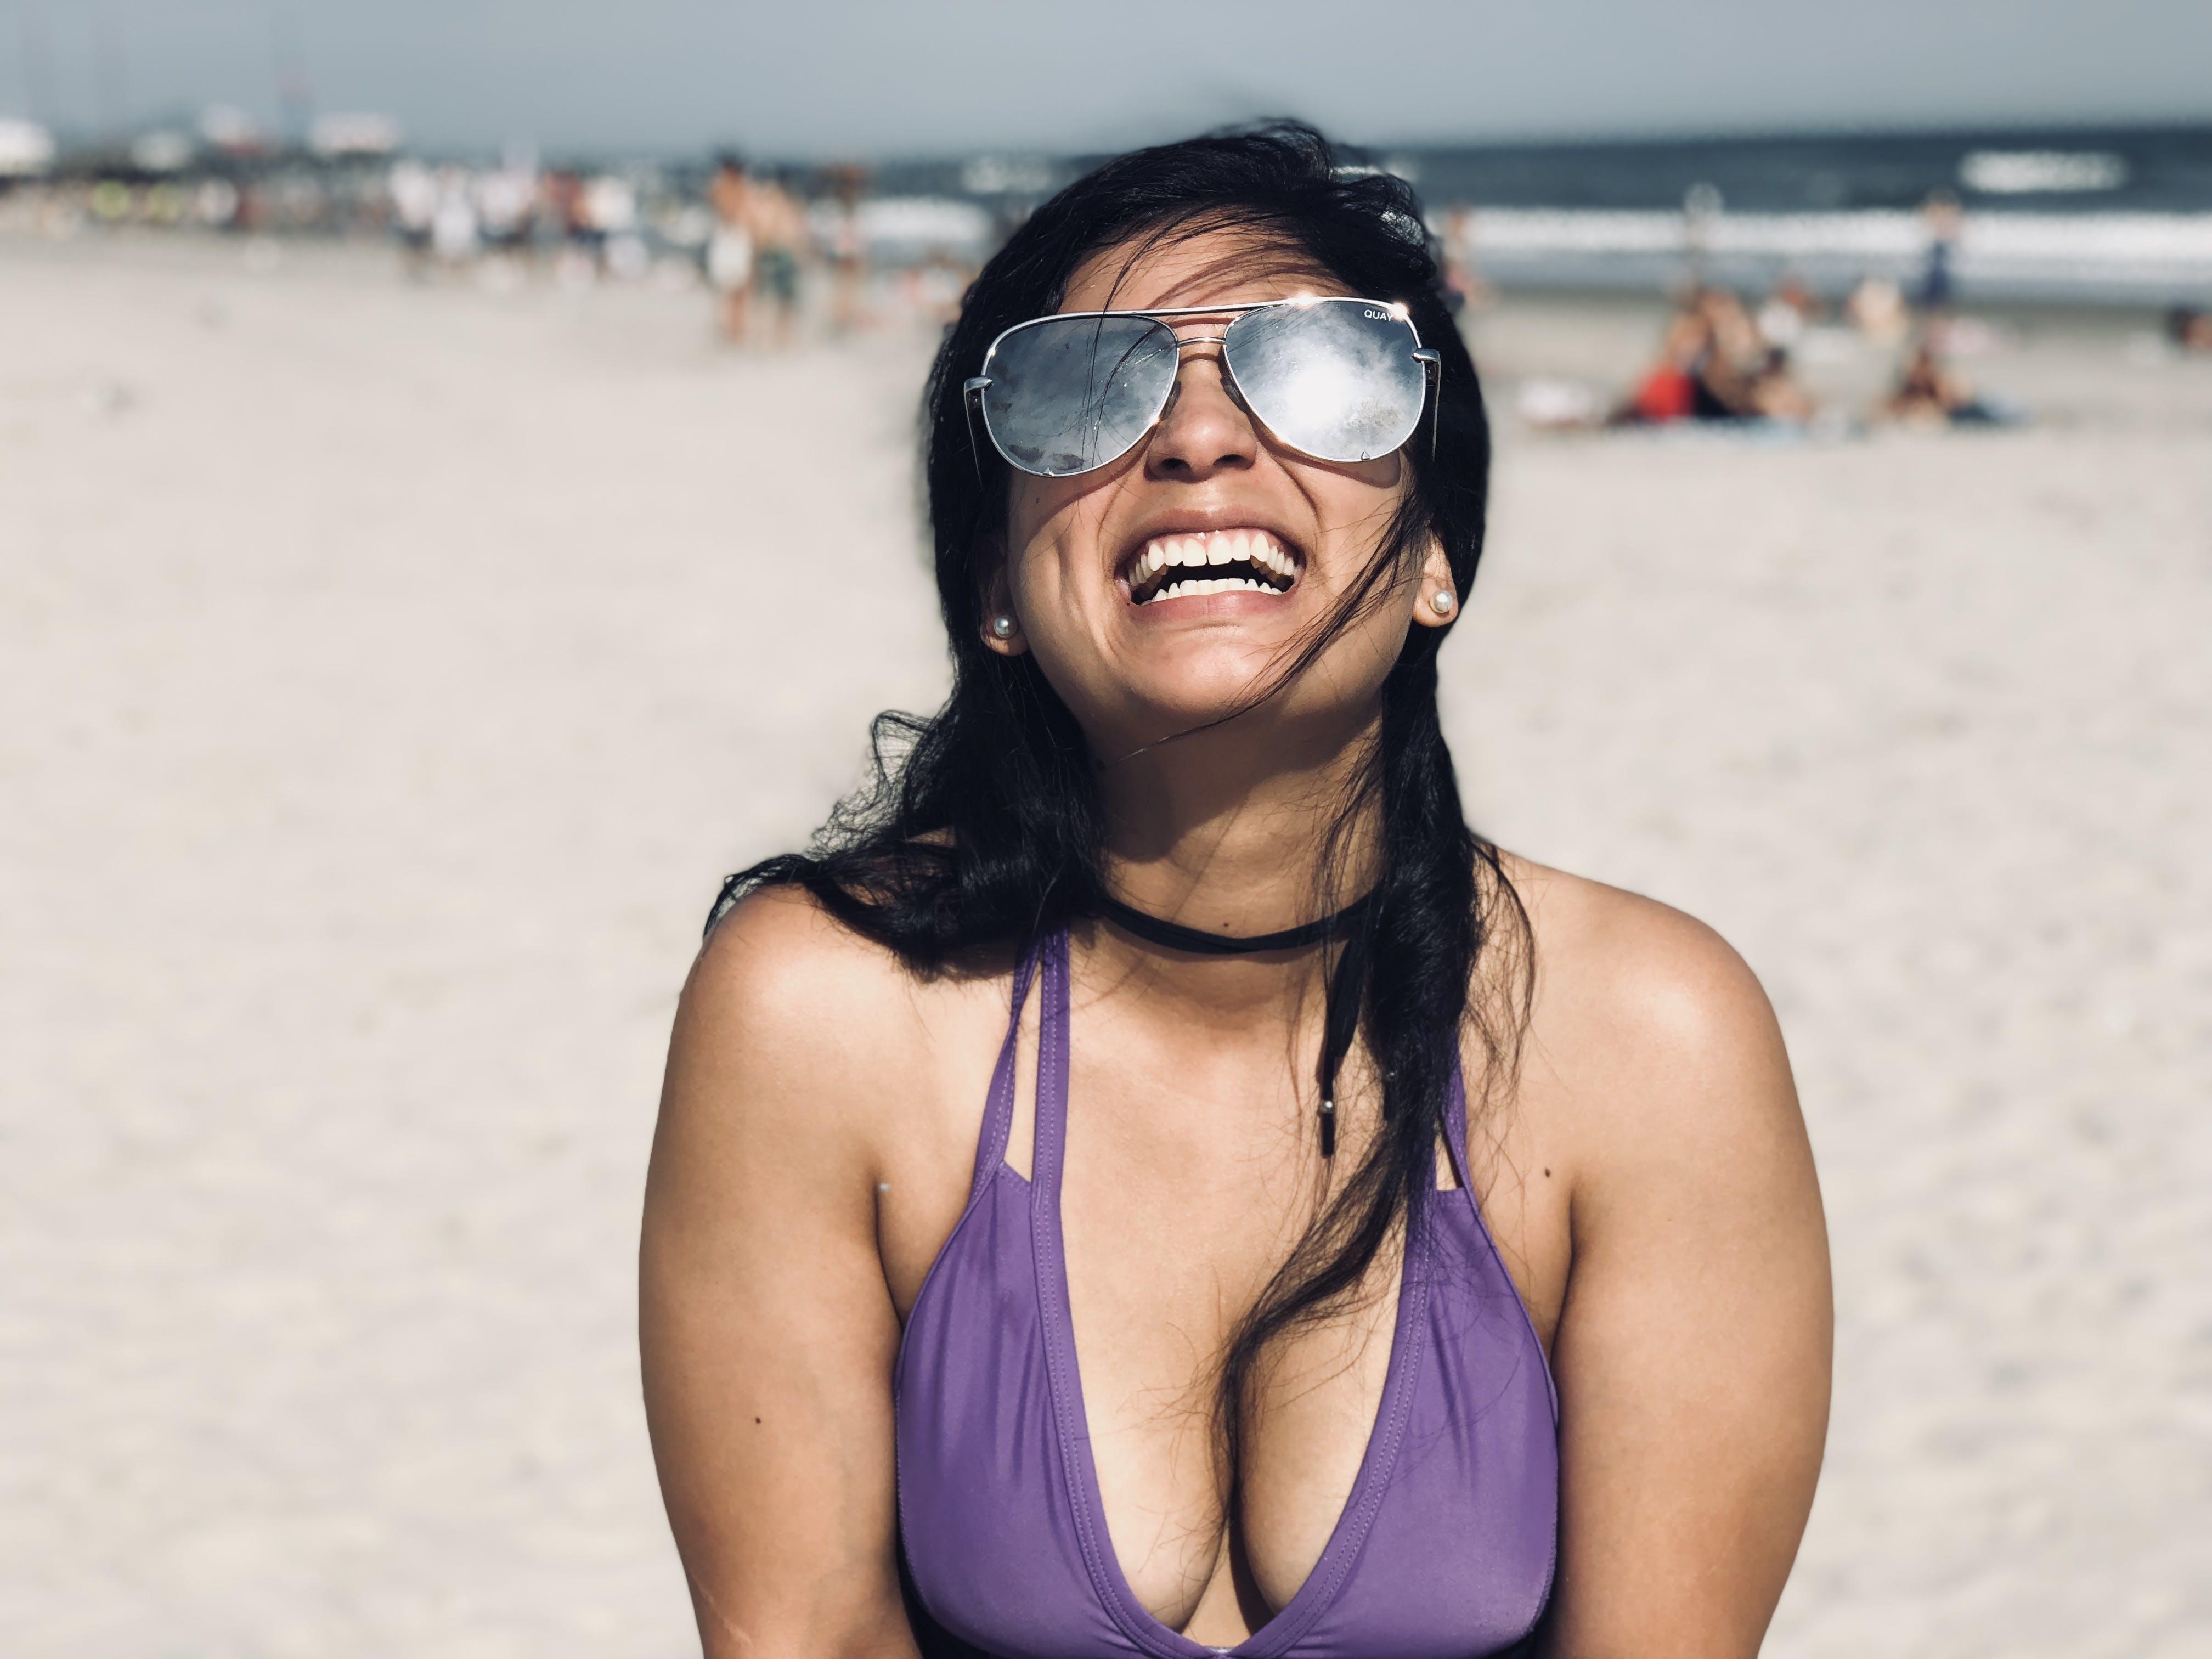 Woman Wearing Purple Swimsuit